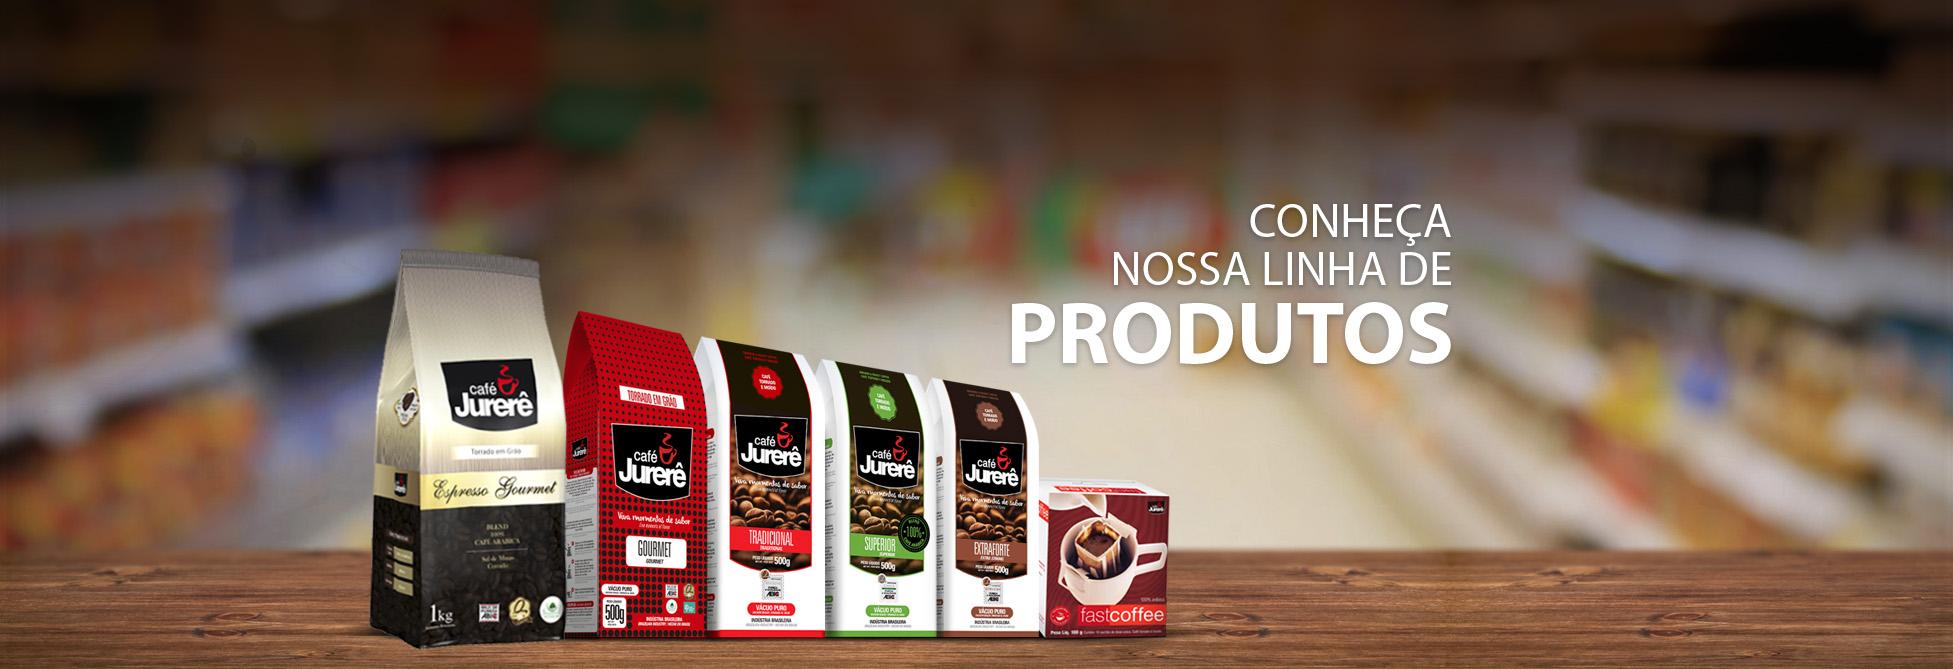 Conheça nossa linha de produtos